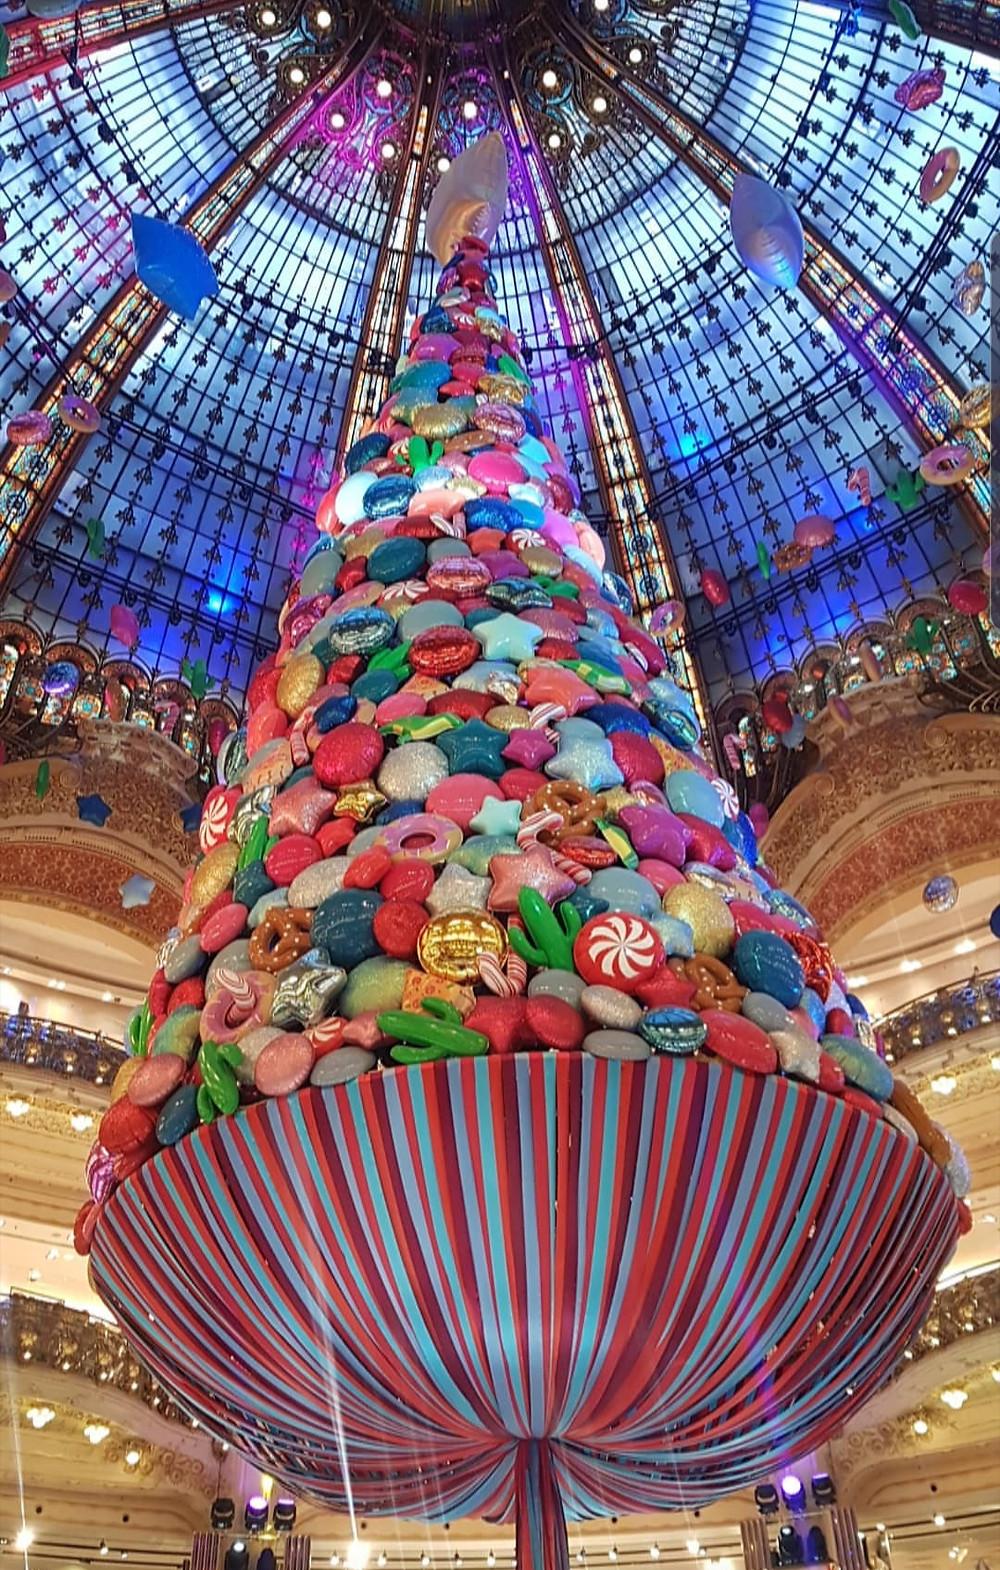 Galeries layatte in Christmas